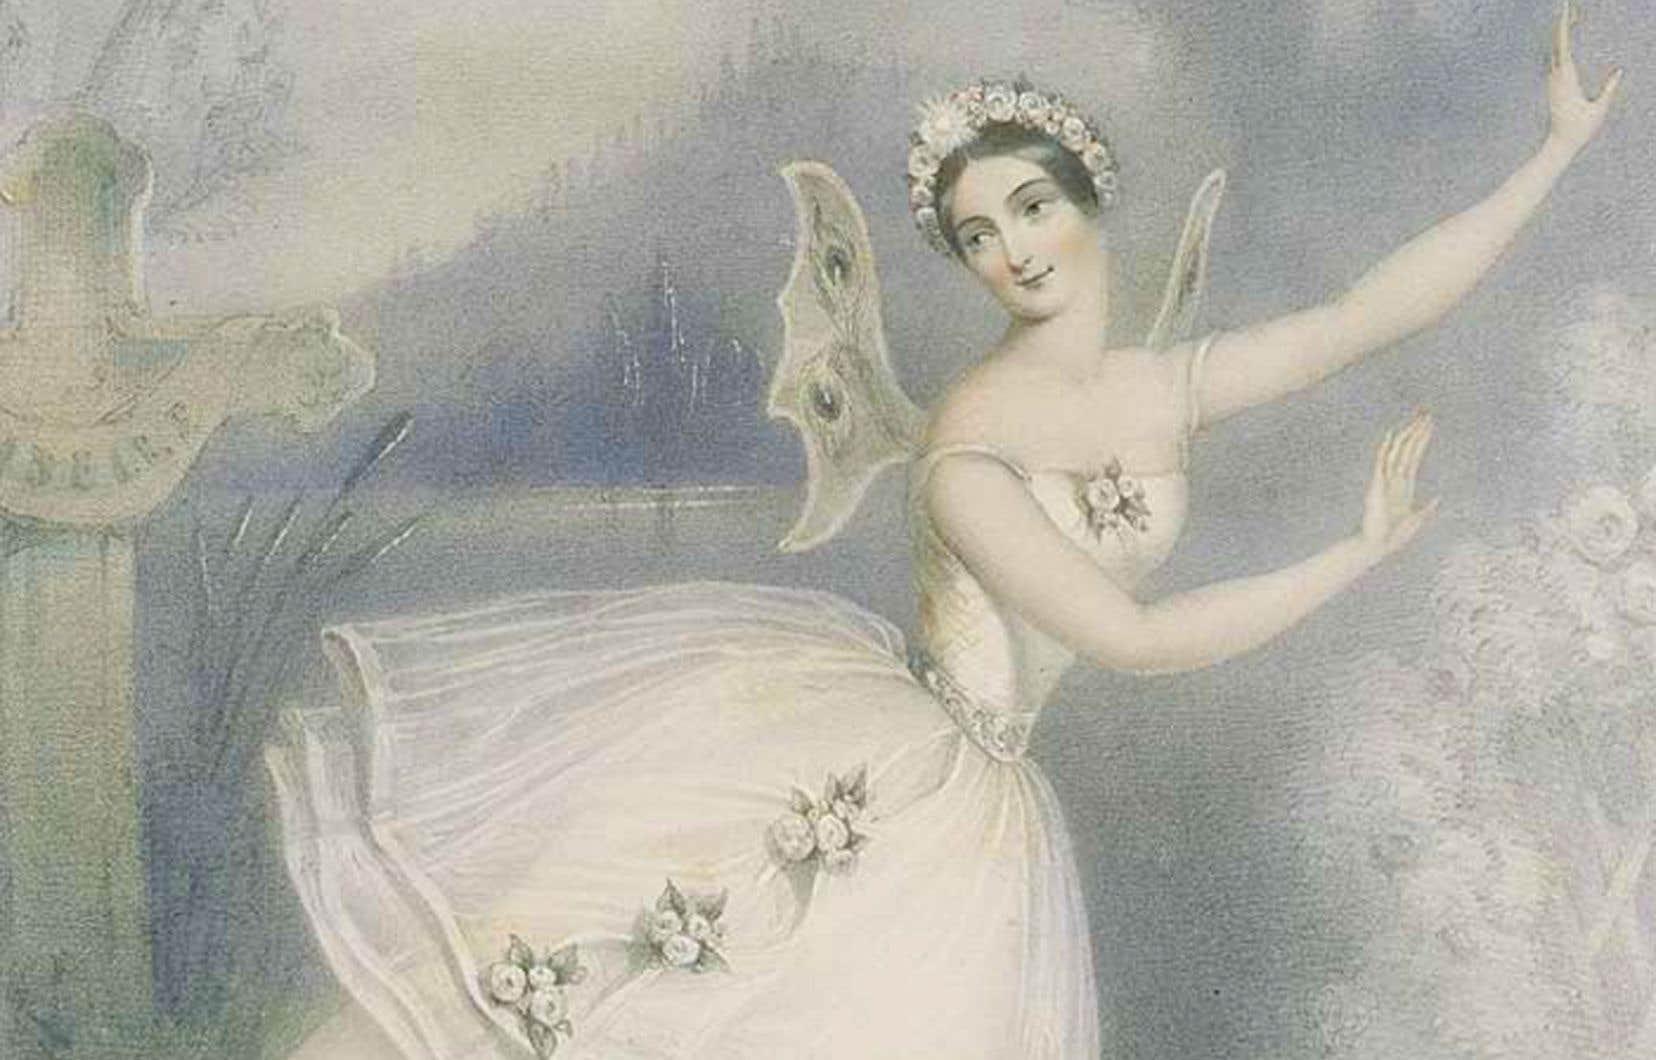 Lithographie tirée du livre «The Romantic Ballet in Paris» d'Ivor Guest, représentant la ballerine Carlotta Grisi dans «Giselle», Paris, 1841